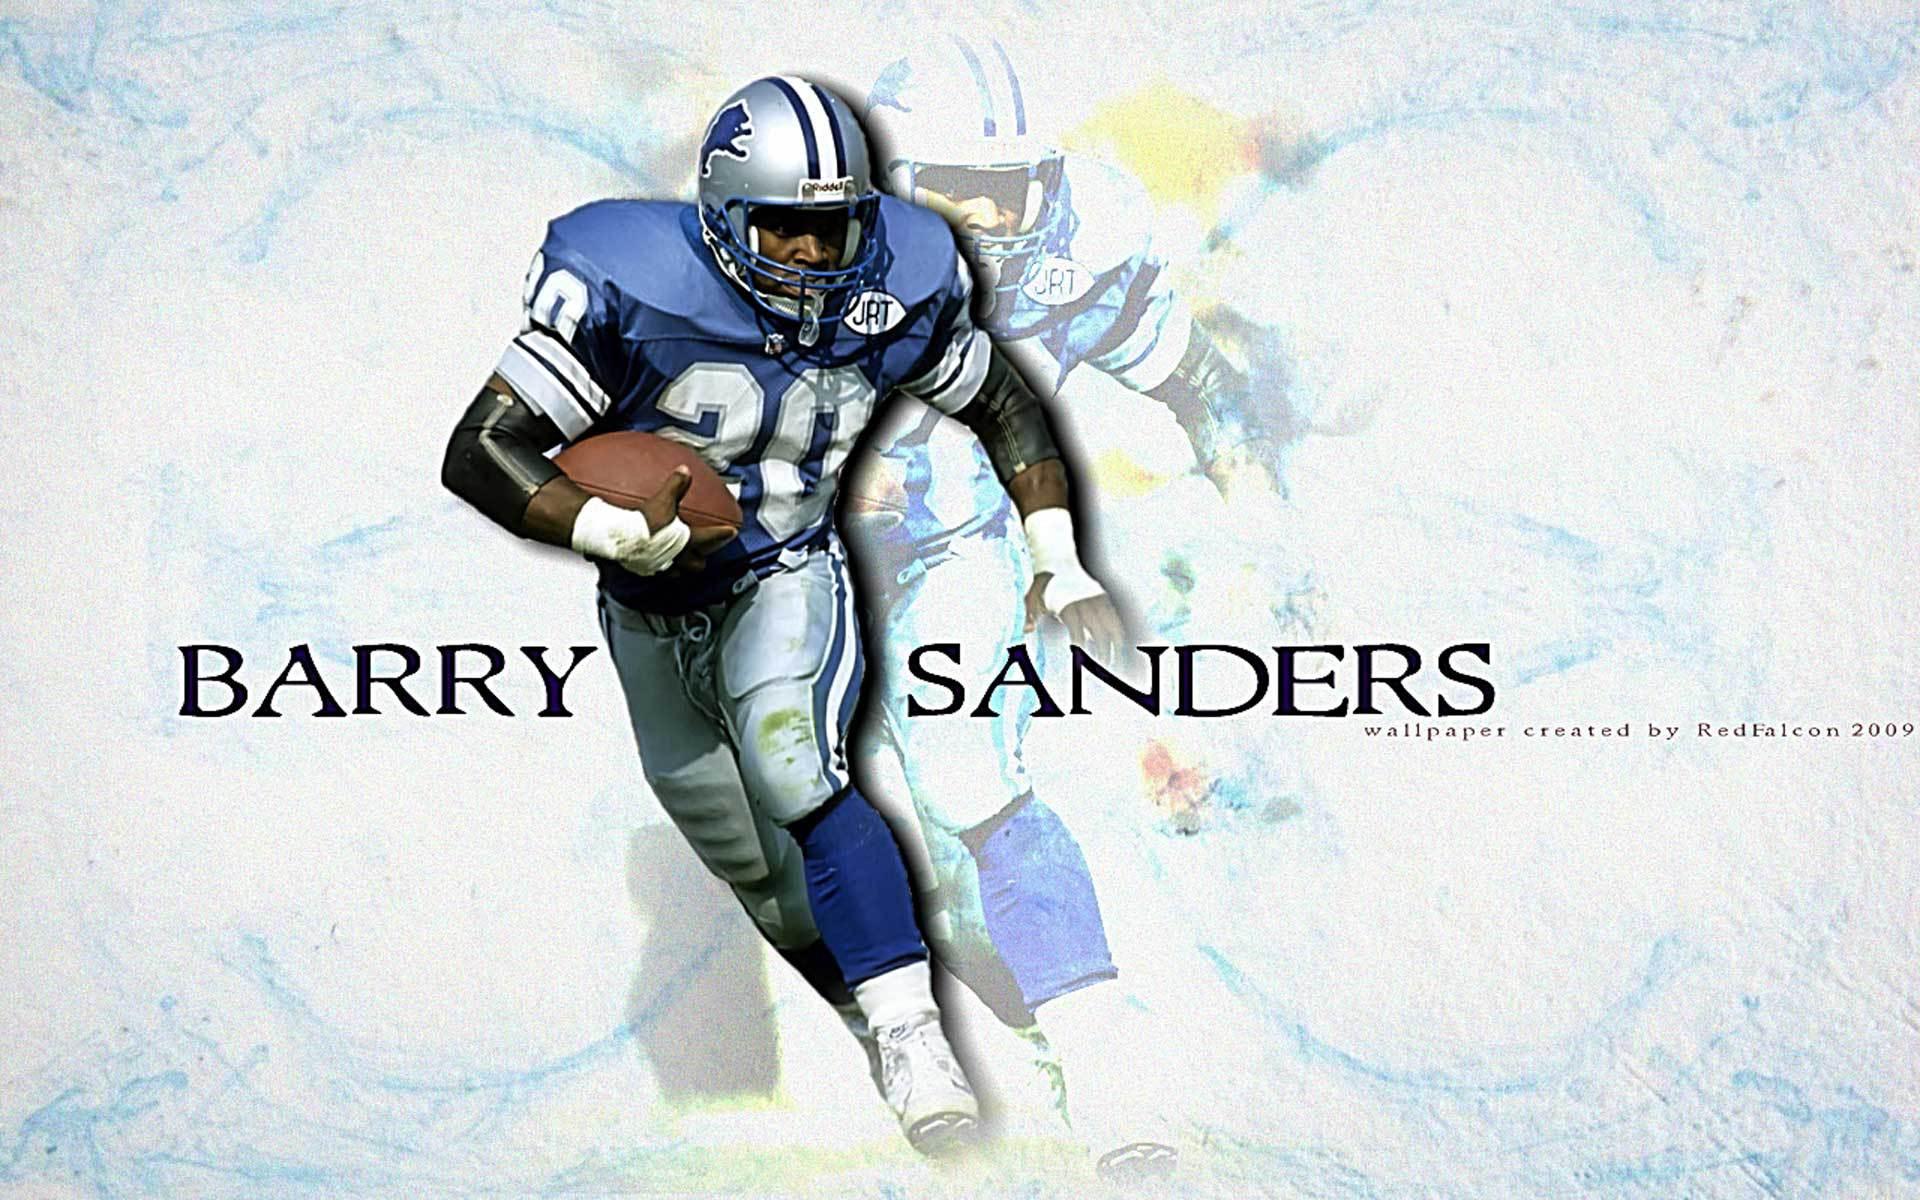 Barry Sanders Hd Wallpaper